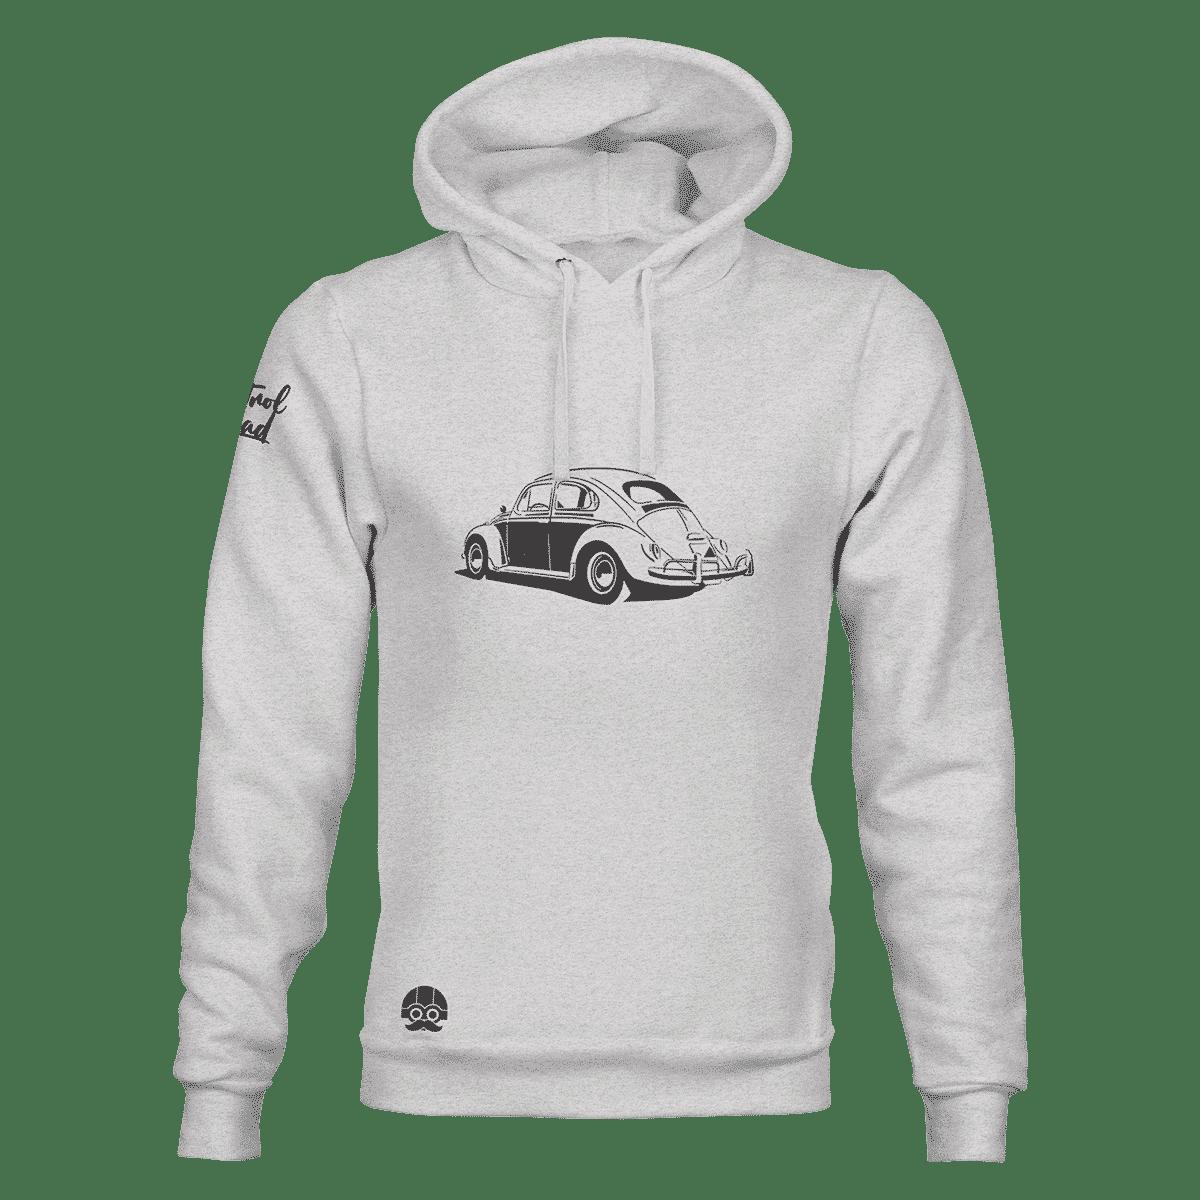 Bluza z kapturem z samochodem VW Garbus